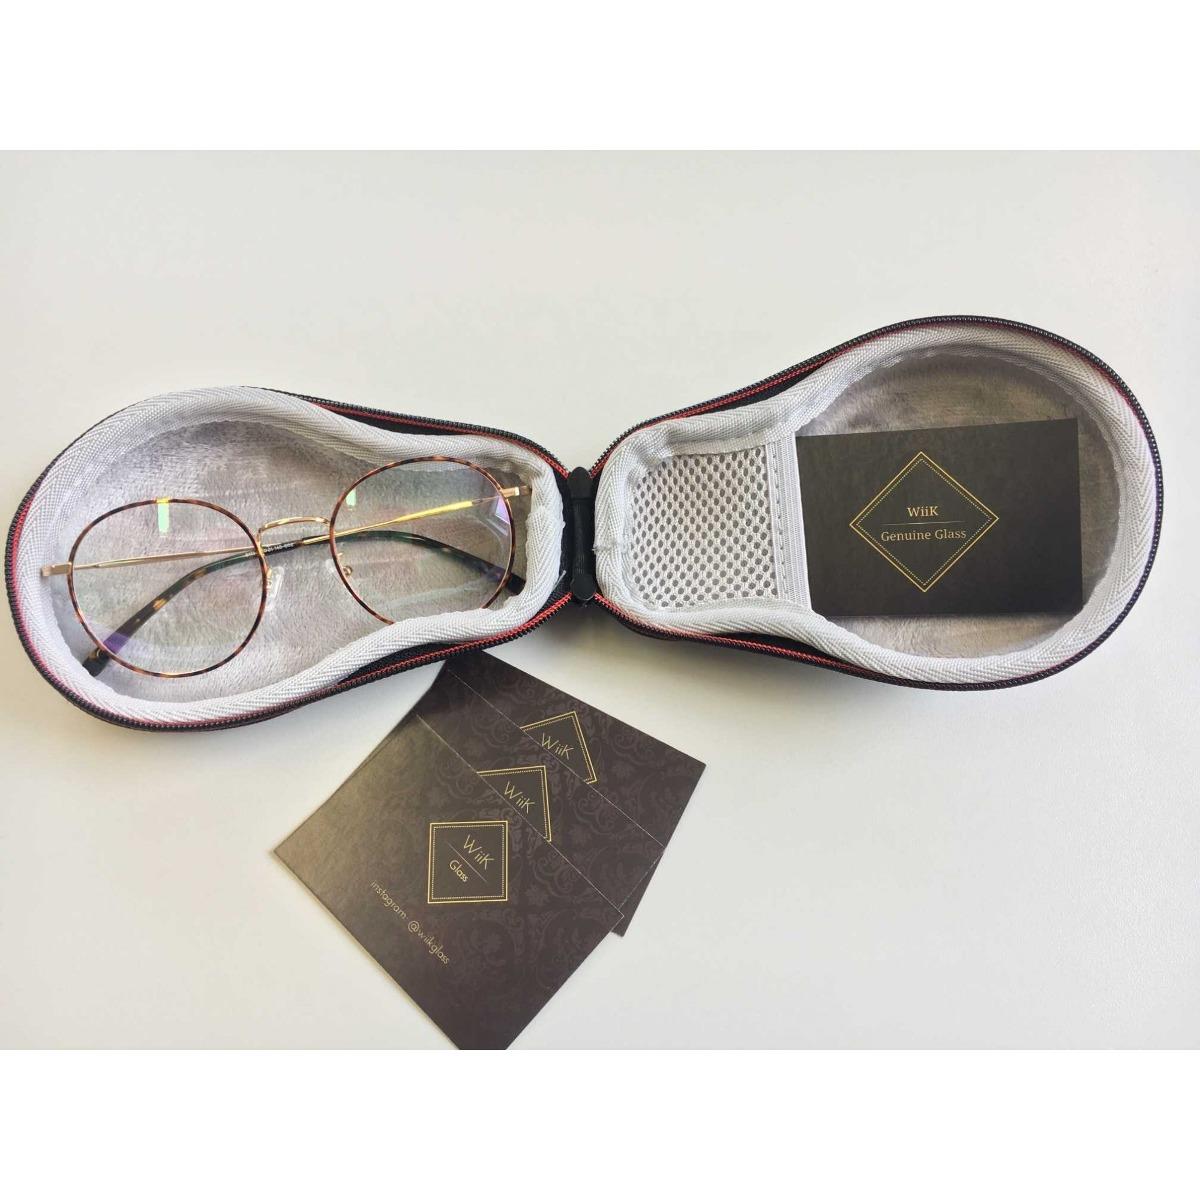 e1ca52d46c468 óculos de grau feminino redondo wiikglass top marrom. Carregando zoom.